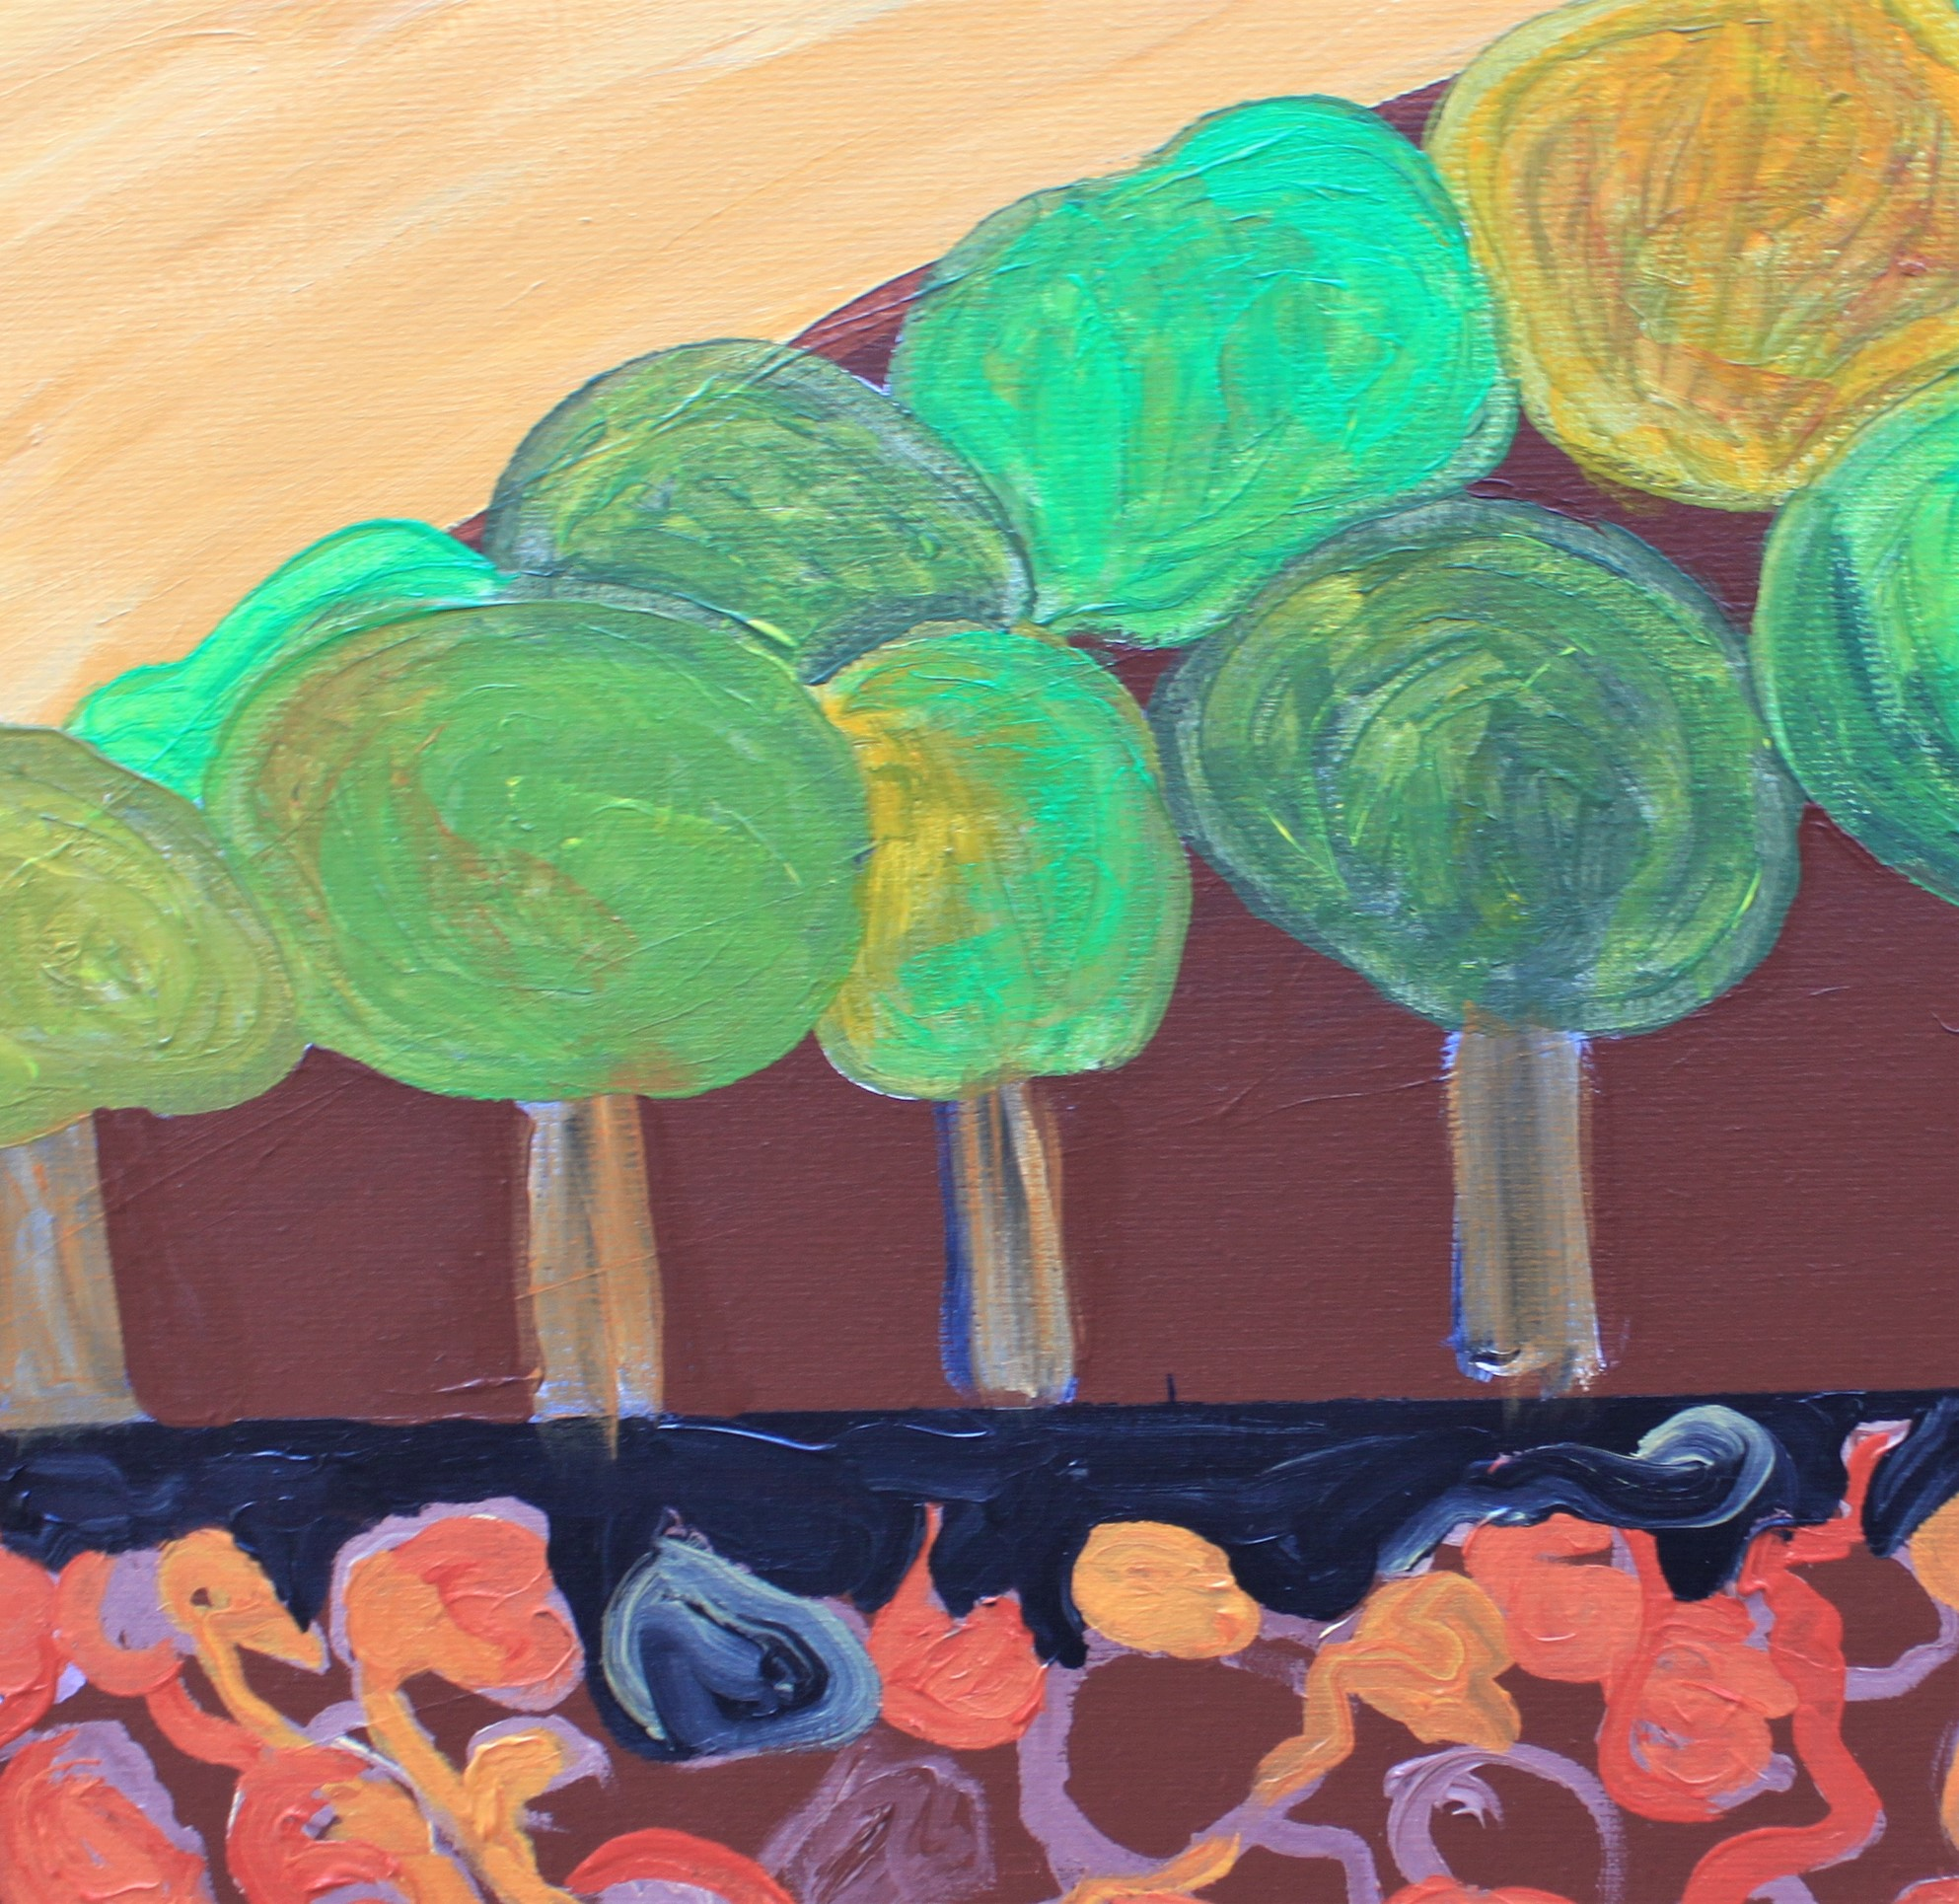 malerier, farverige, figurative, landskab, botanik, natur, blå, grønne, gule, akryl, hørlærred, samtidskunst, ekspressionisme, interiør, bolig-indretning, moderne, moderne-kunst, bjerge, sceneri, levende, Køb original kunst og kunstplakater. Malerier, tegninger, limited edition kunsttryk & plakater af dygtige kunstnere.